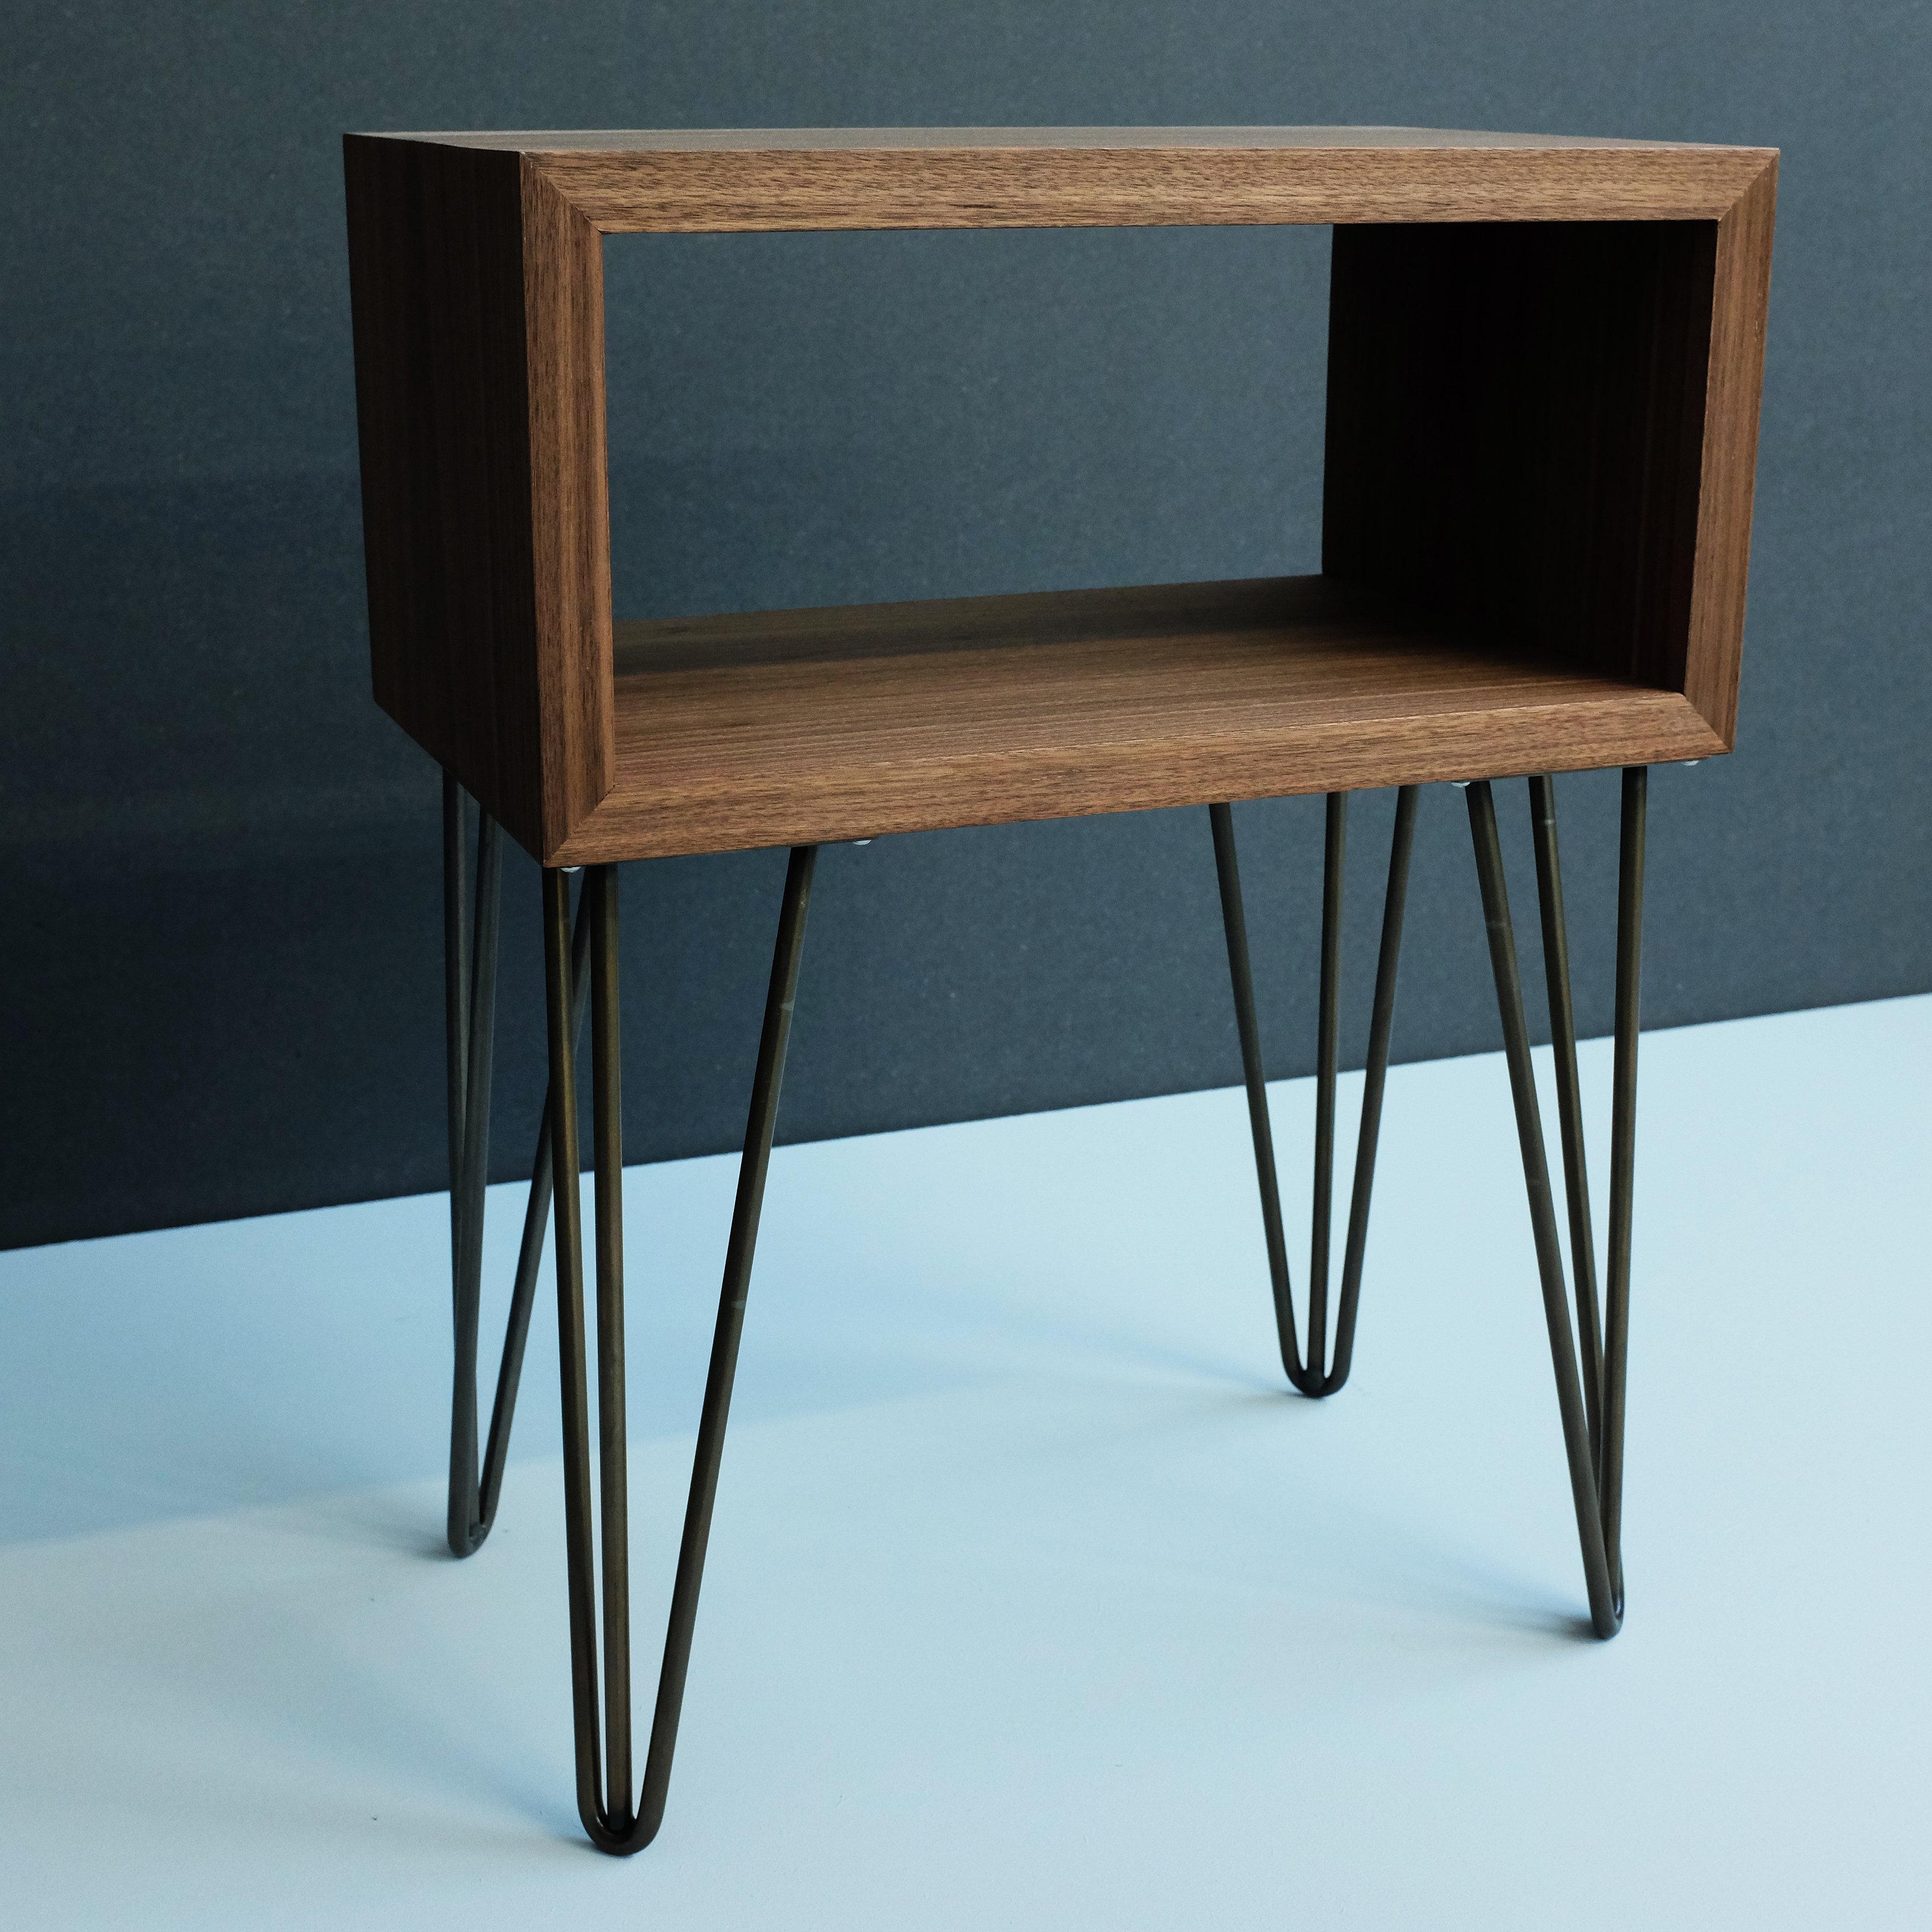 Funky Bedside Tables ozkat design. designer-maker of funky modern furniture | nodpod